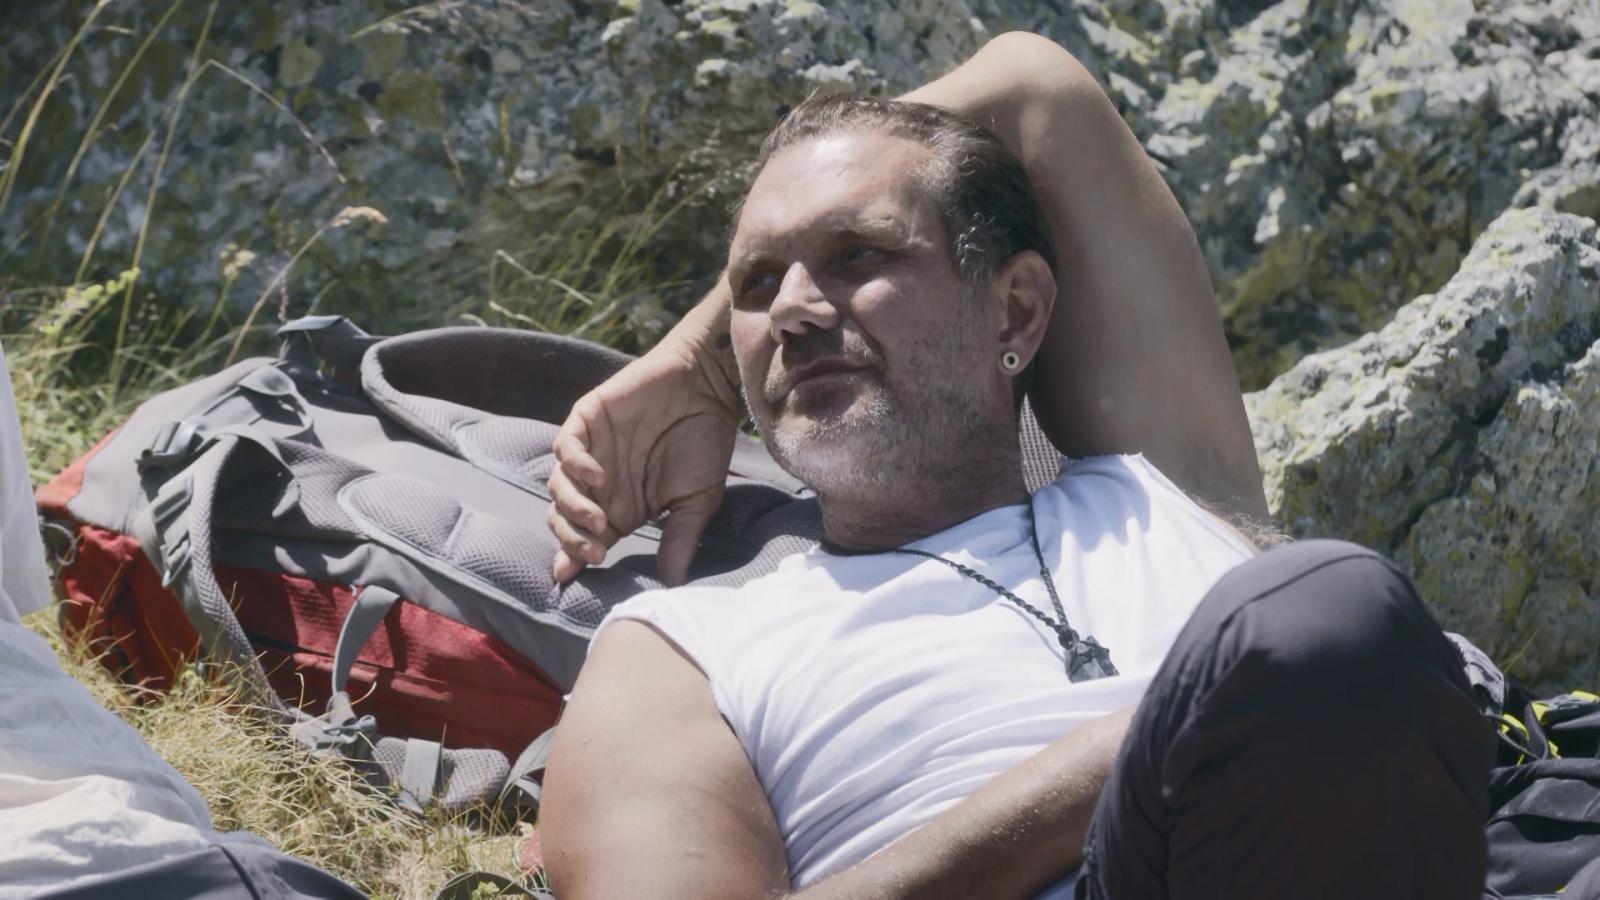 Actor Porno 24 Años entre ovejas - nacho vidal, así se convirtió en actor porno